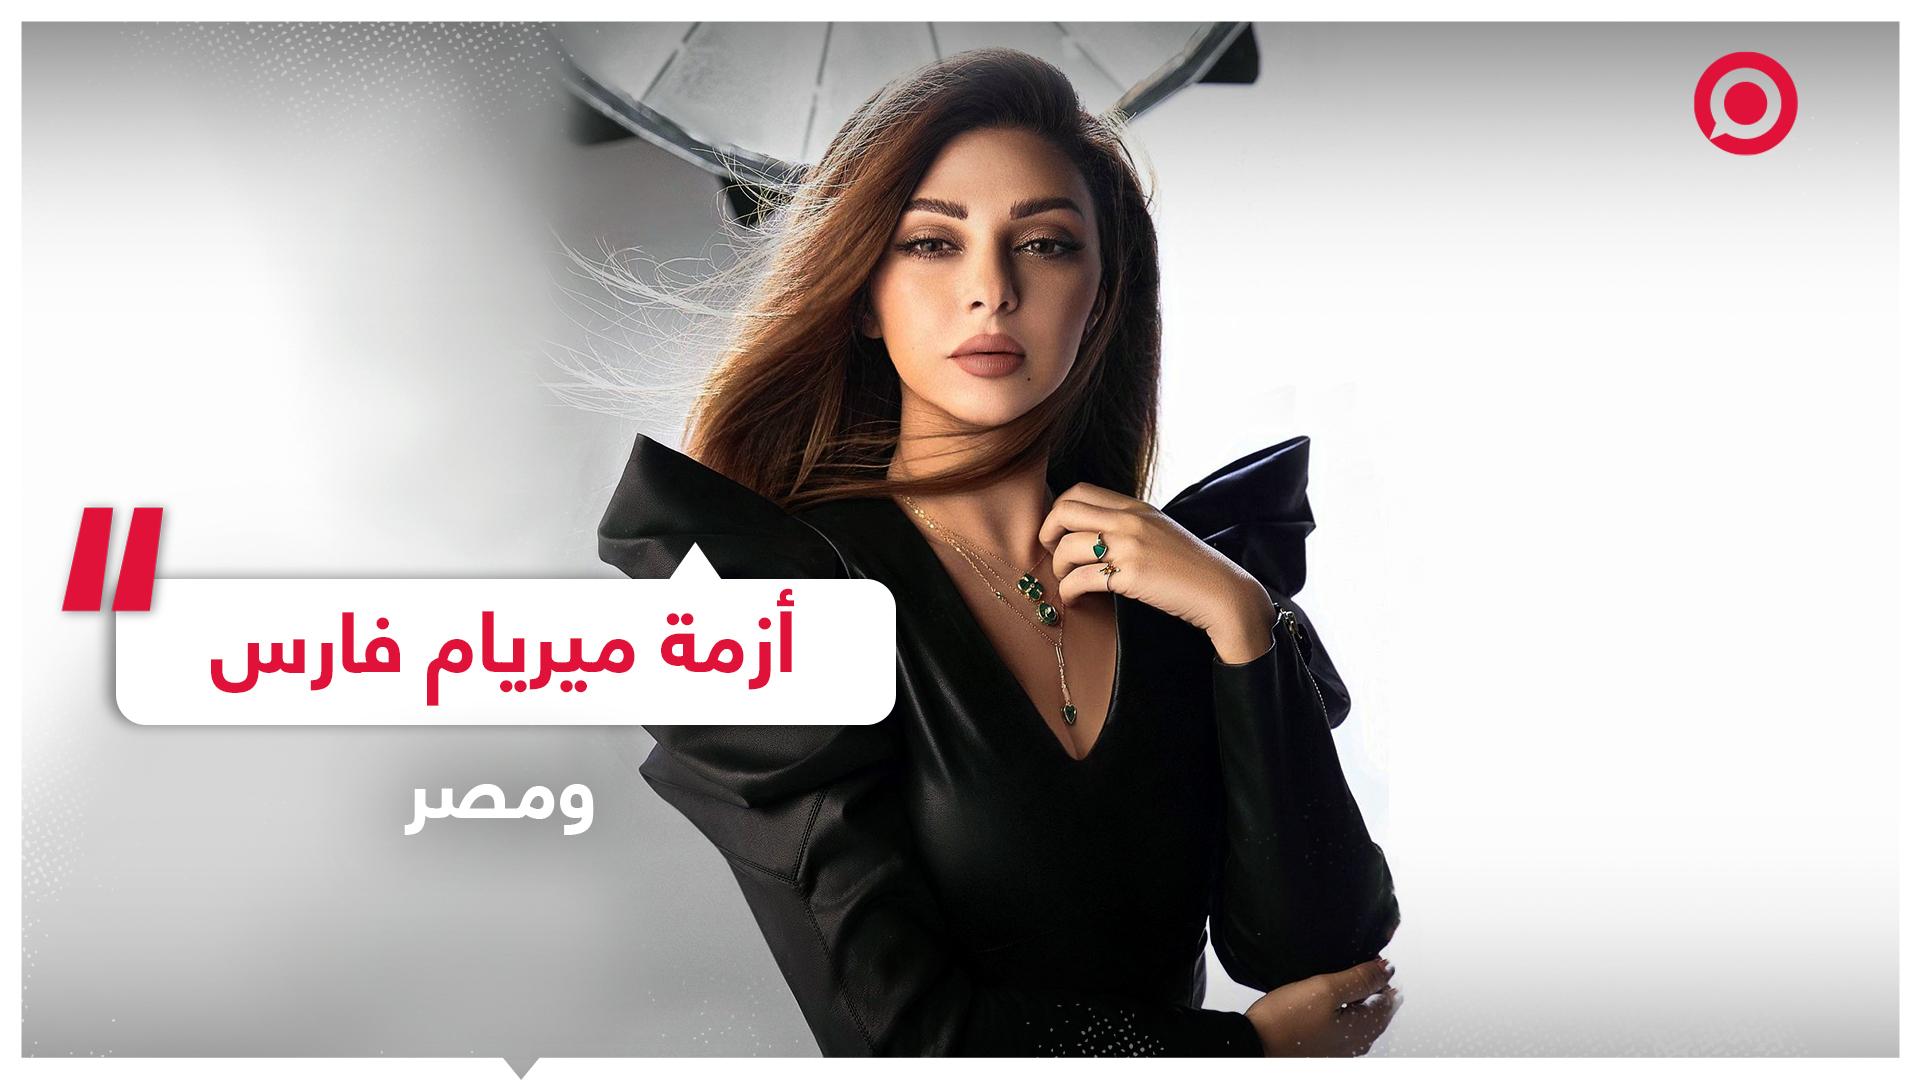 حملة مصرية ضد المغنية اللبنانية ميريام فارس